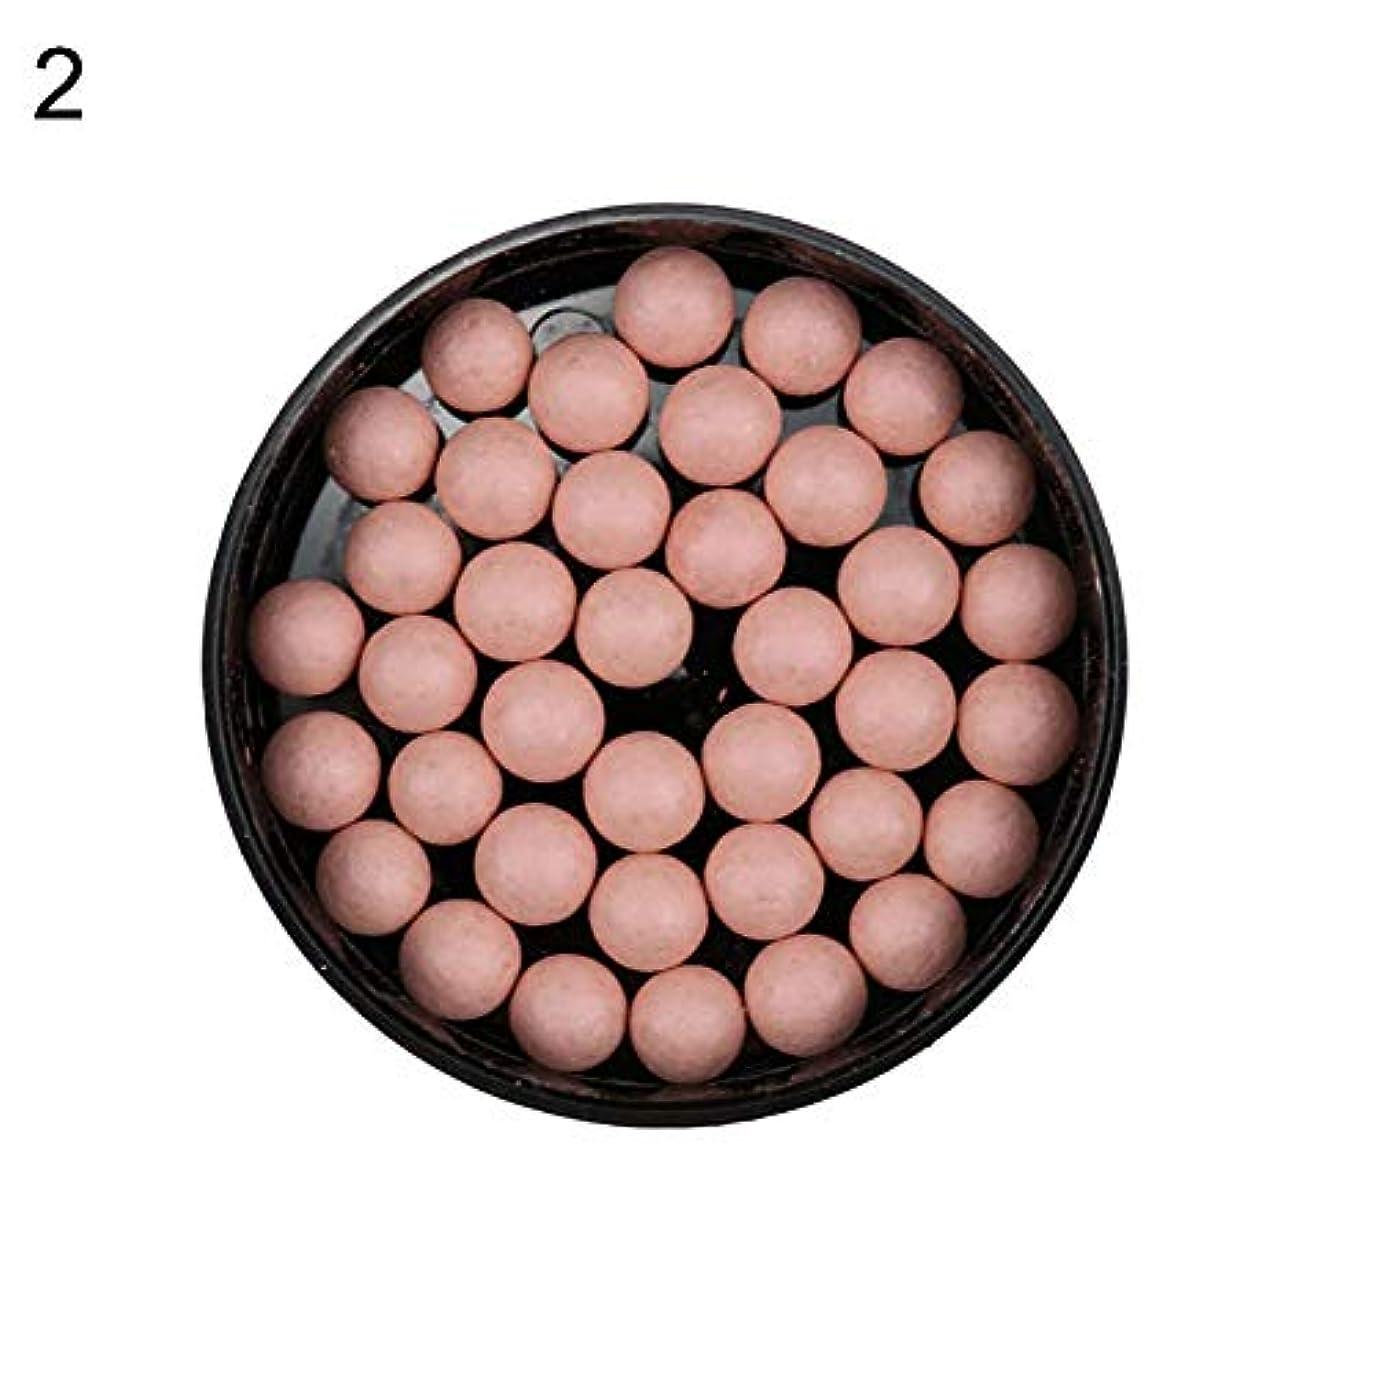 ユーモラス麦芽側面赤面ボールフェイスファンデーションシェーディングパウダーブロンザーアイシャドー輪郭化粧品 - 2